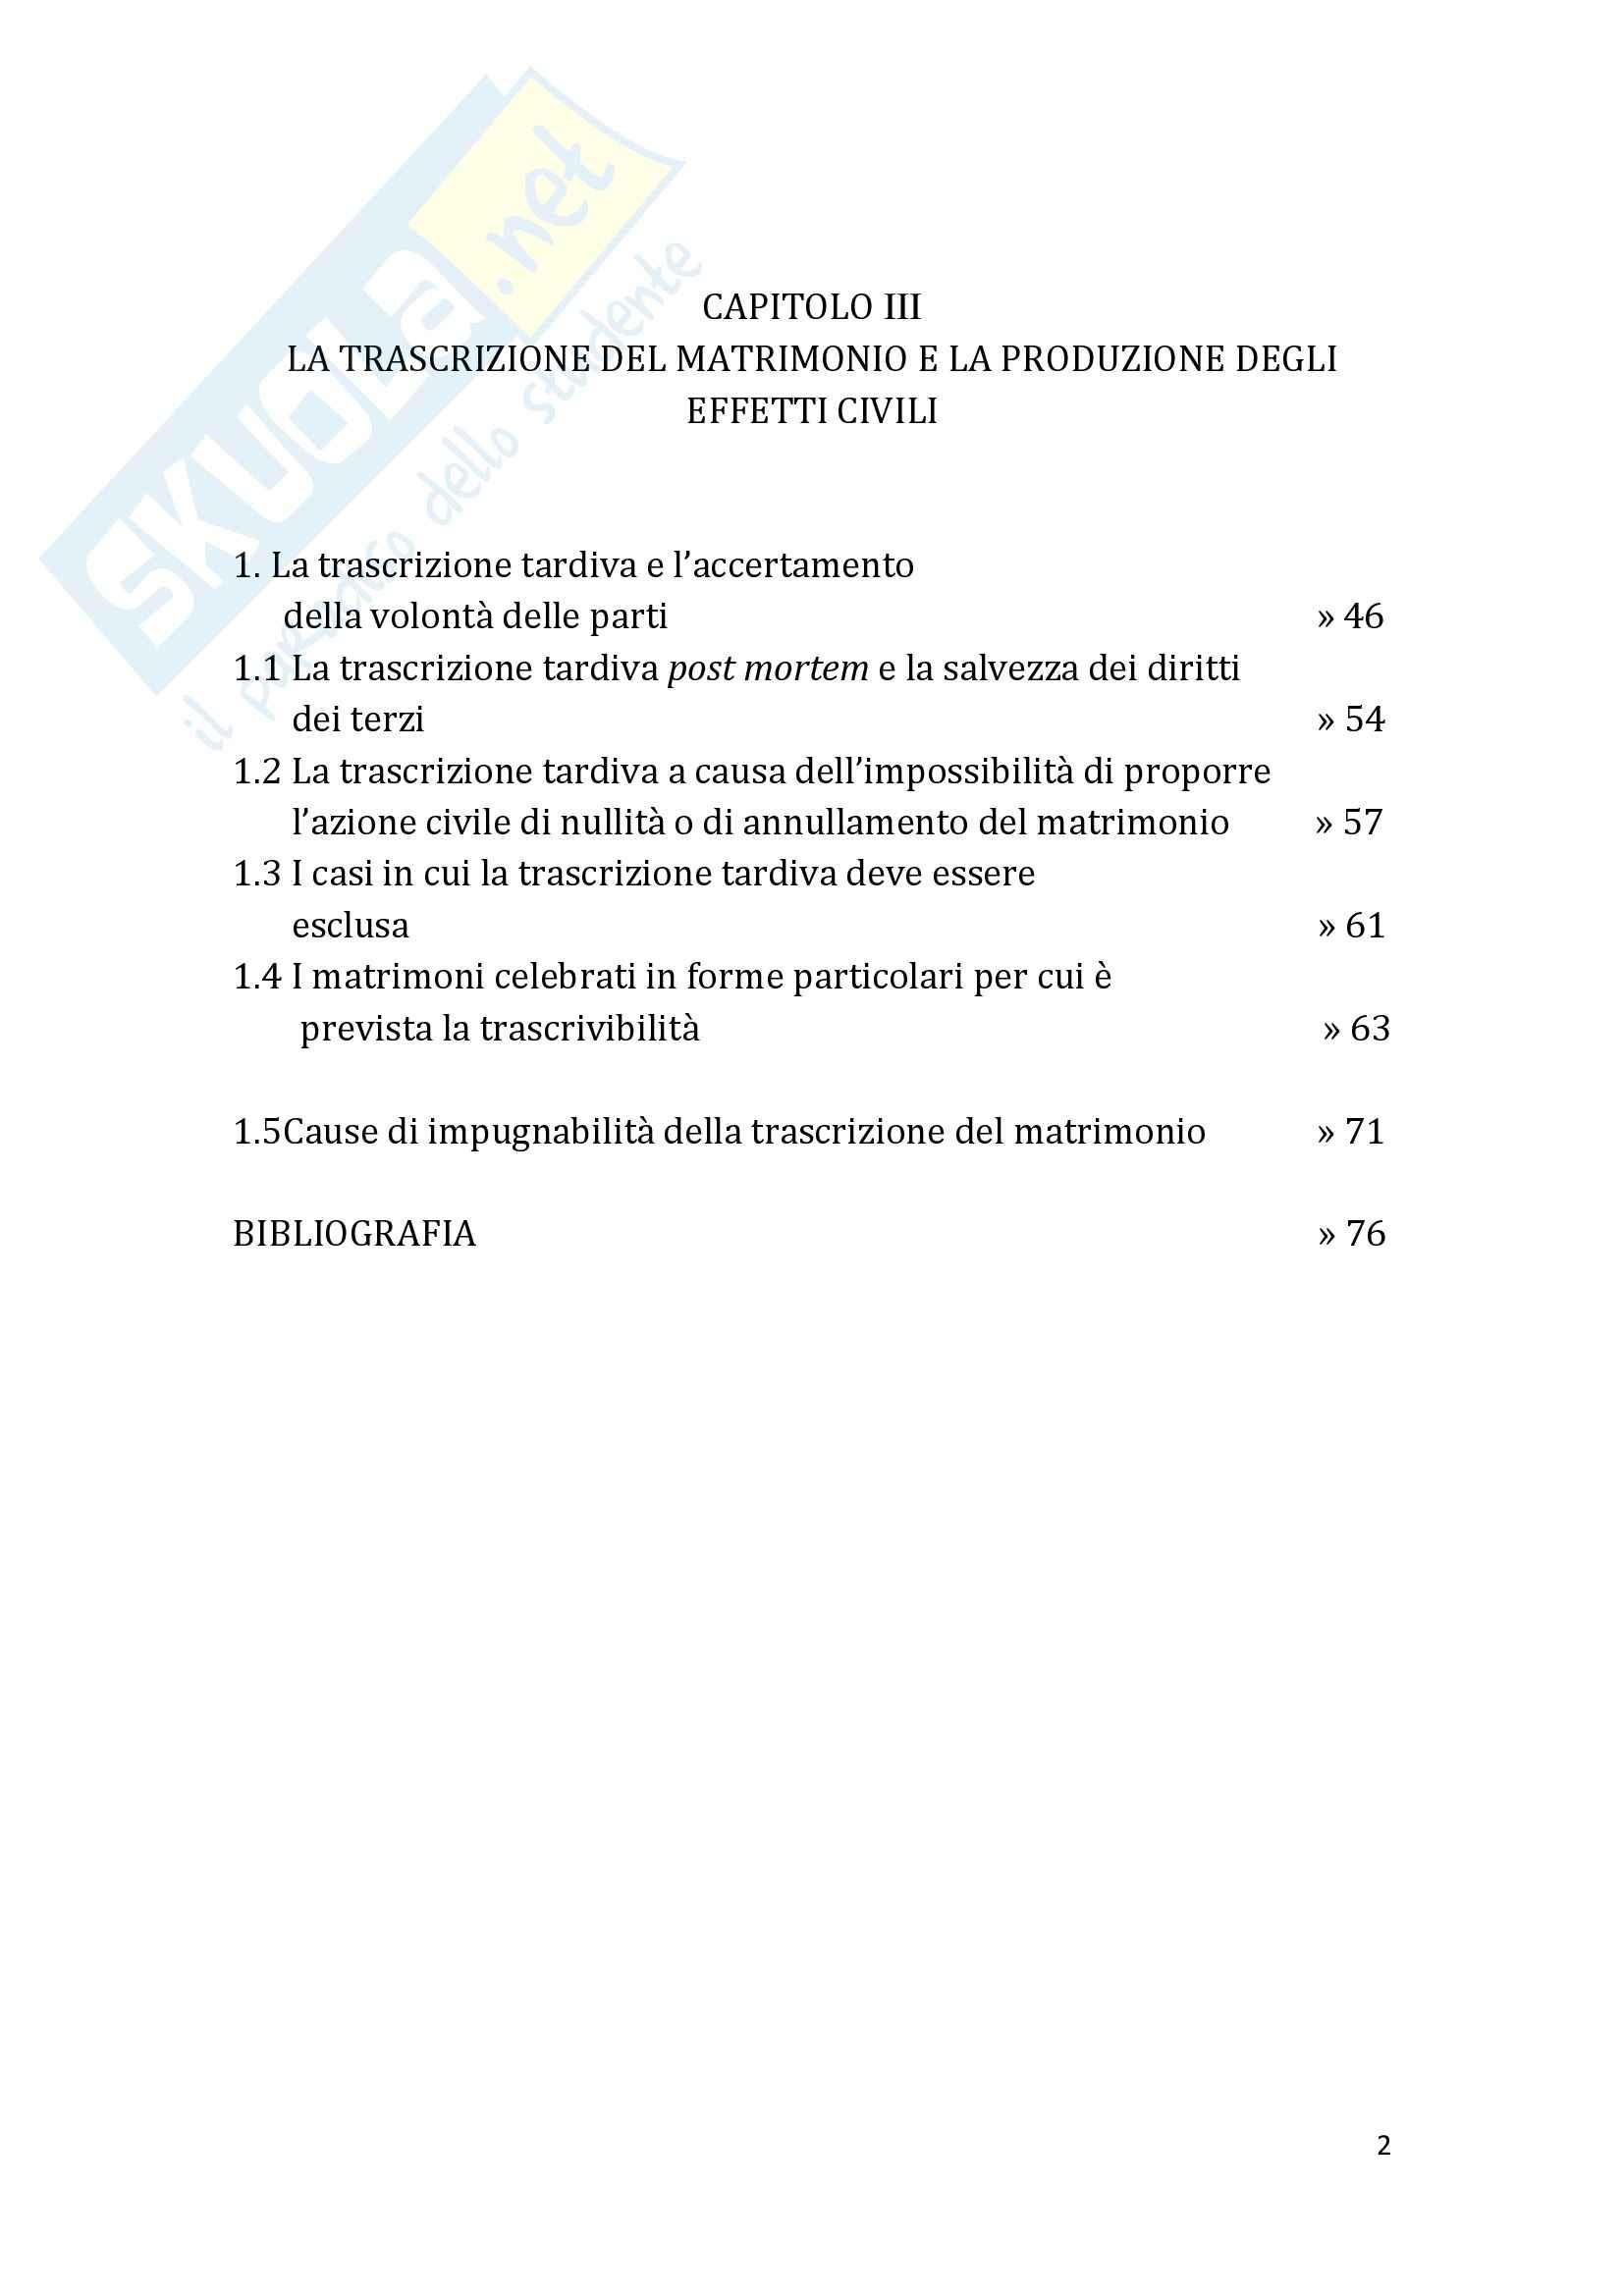 Tesi Diritto ecclesiastico - La trascrizione del matrimonio canonico Pag. 2